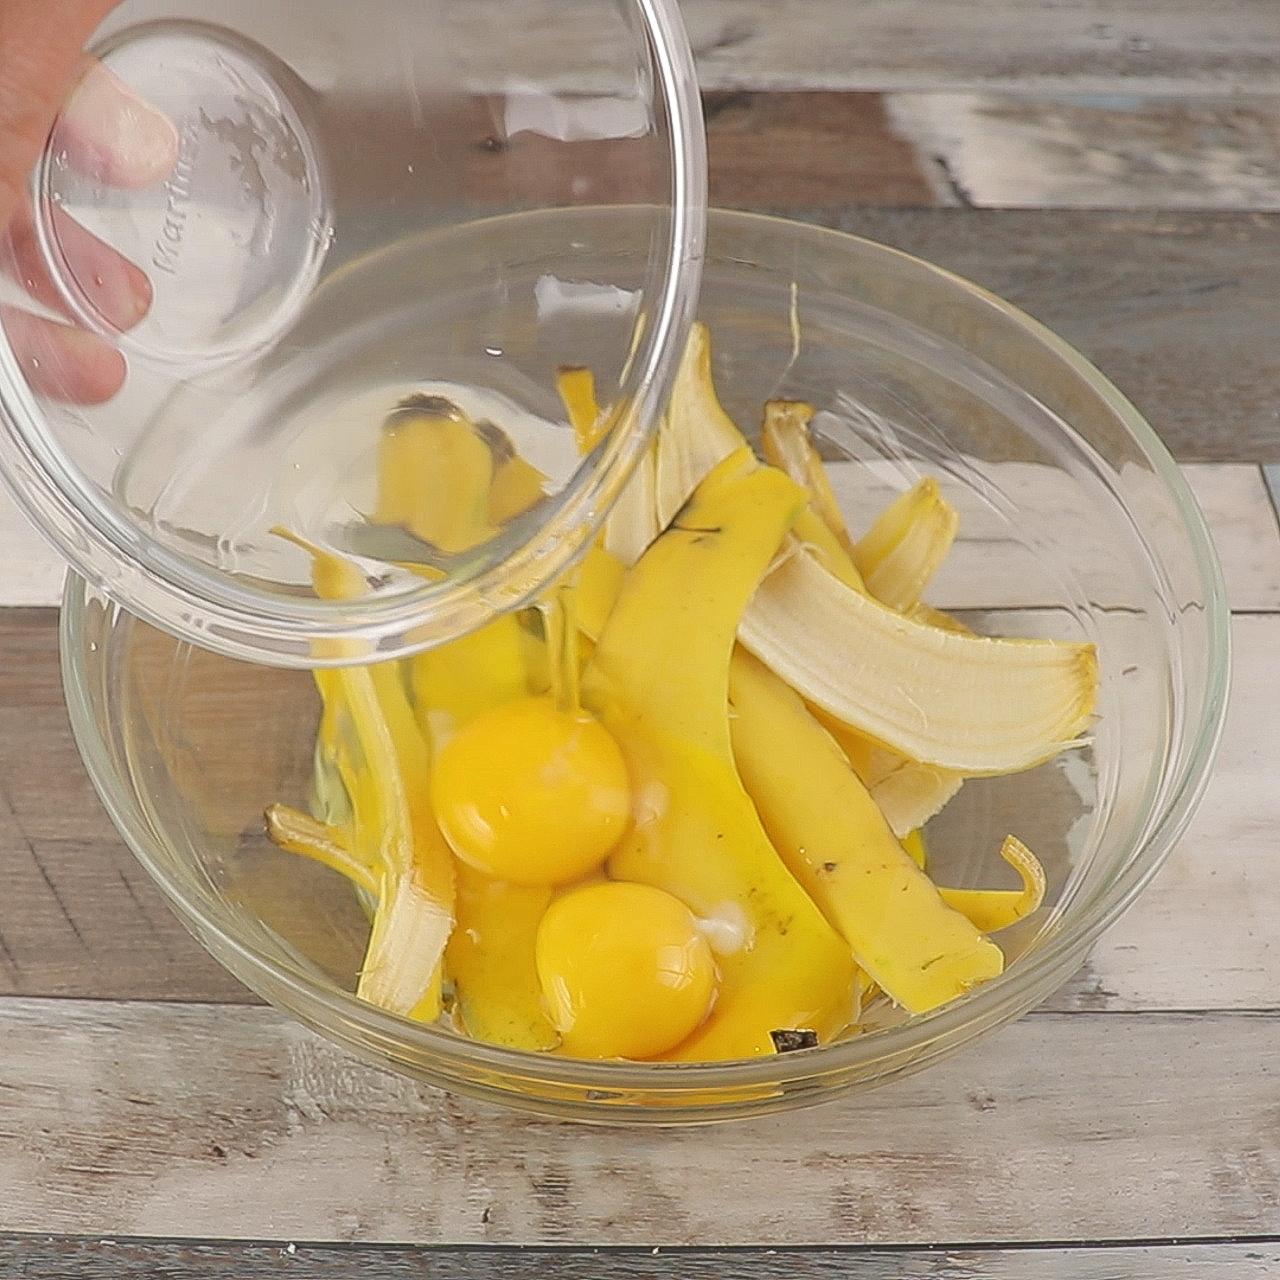 Bolo de Banana Feito com Casca de Banana, Super Delicioso